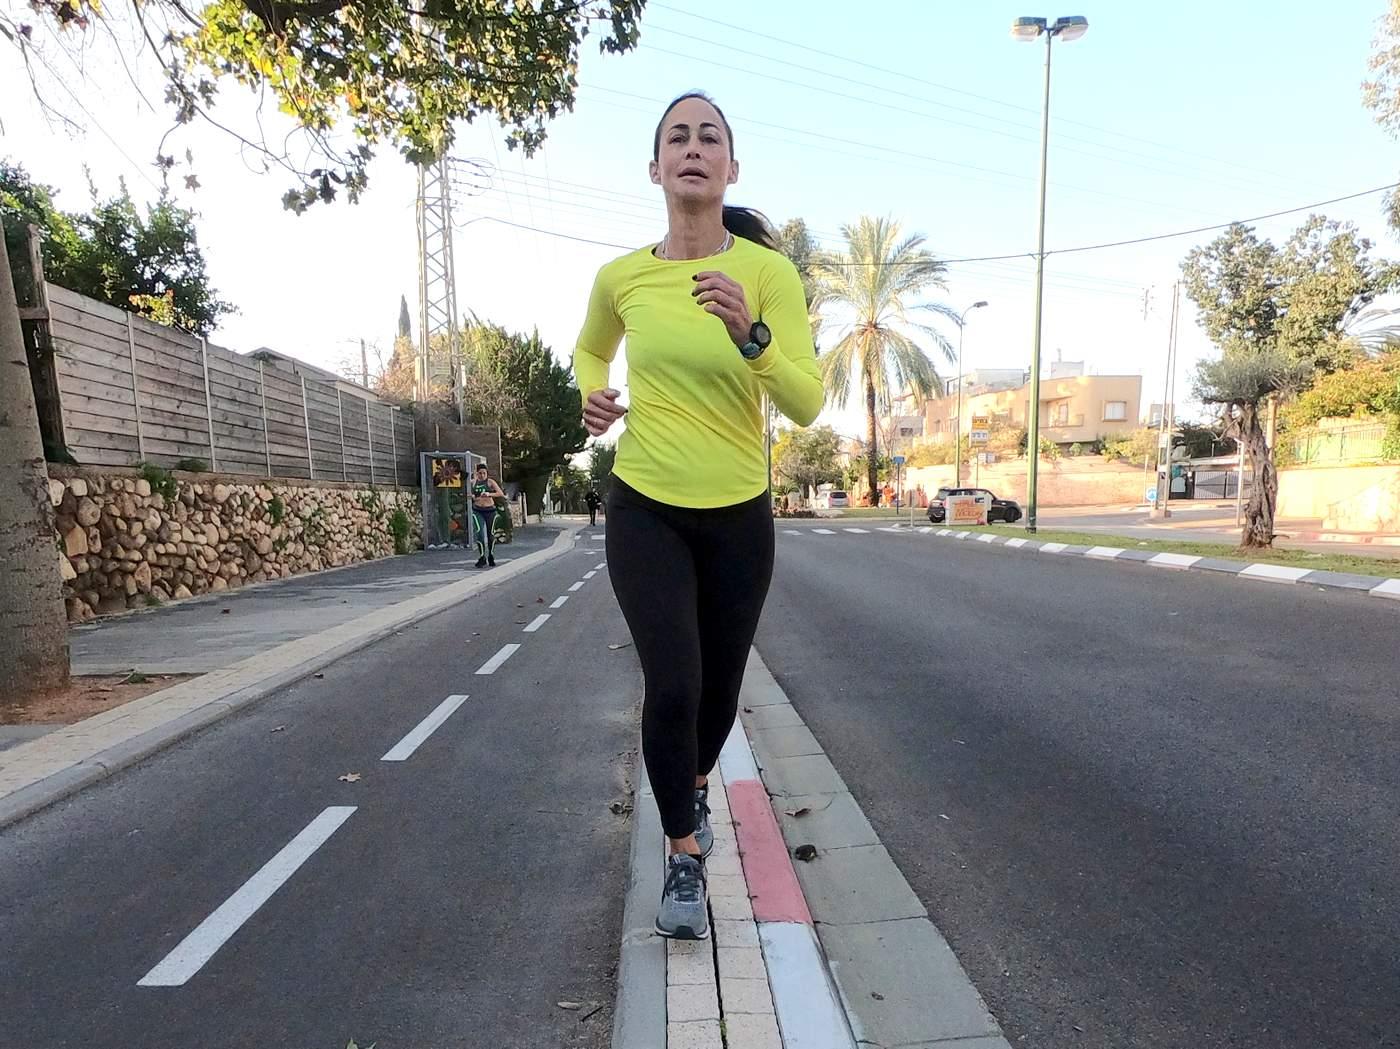 יוגה לפני ריצה